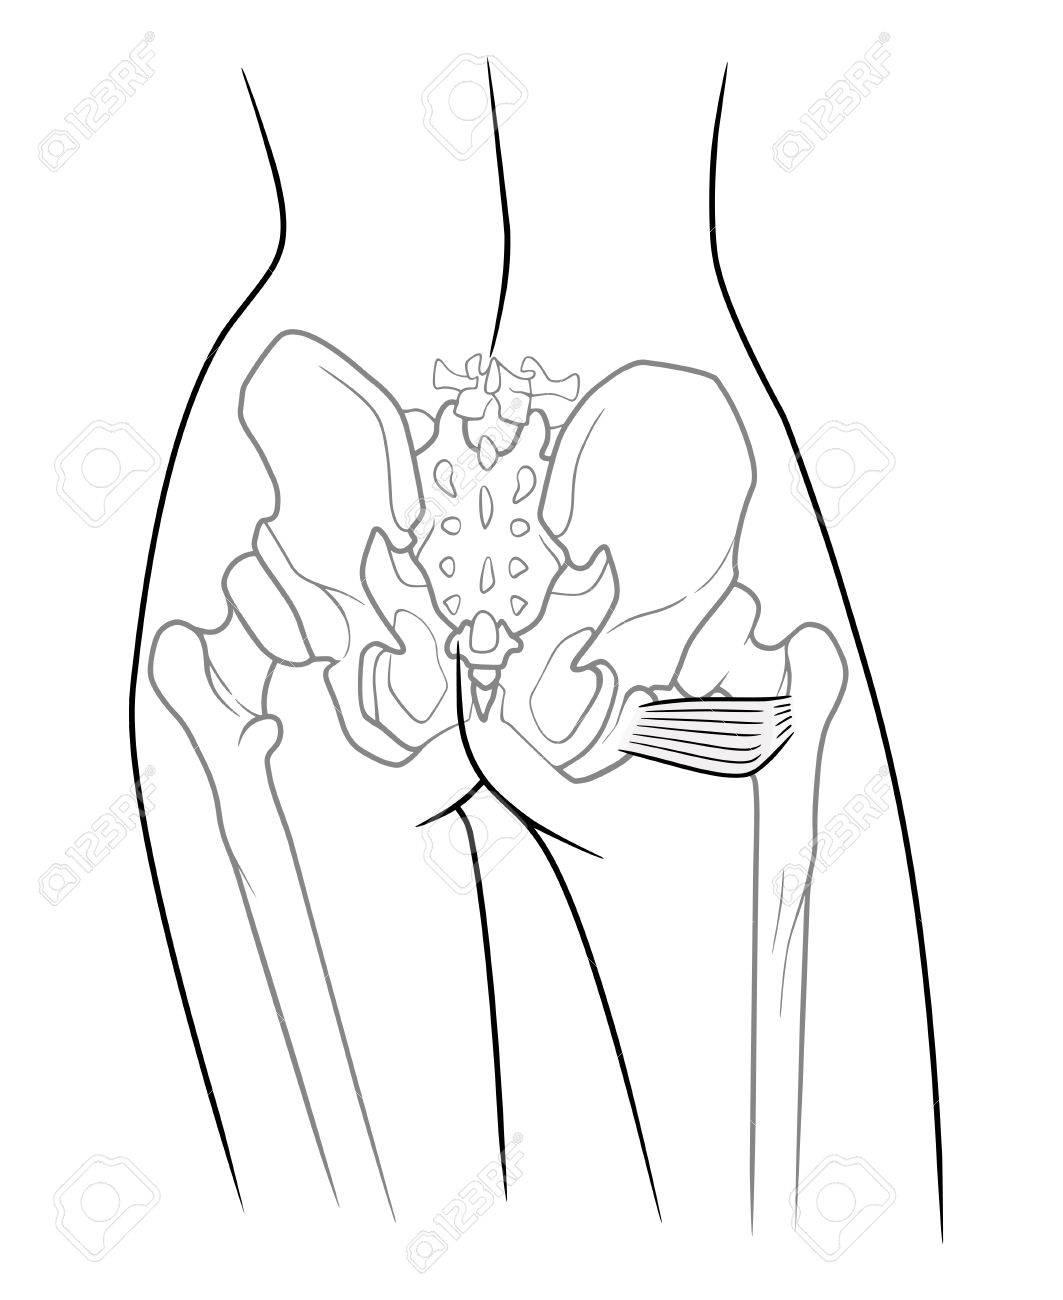 Estructura Interna Del Esqueleto De La Cintura Pélvica, Musculus ...